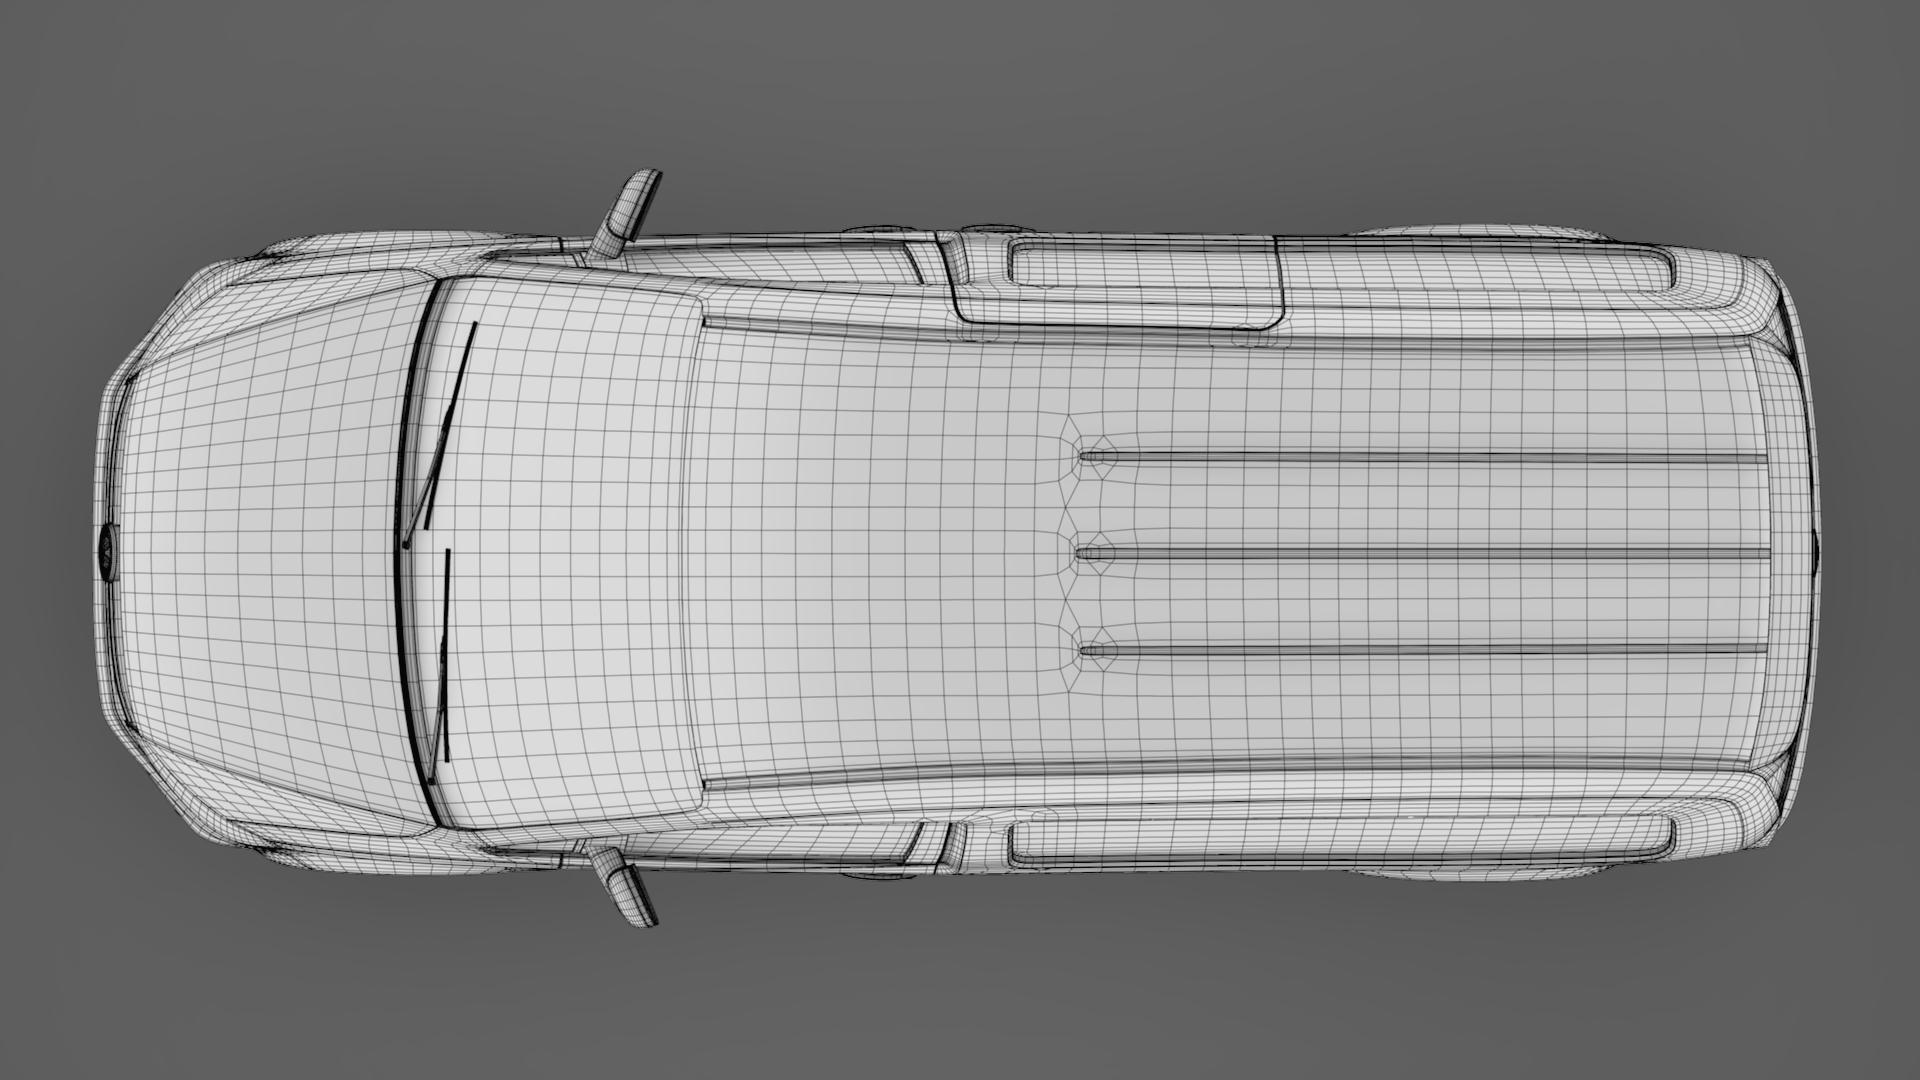 volkswagen caddy panel van l2 2017 3d model max fbx c4d lwo ma mb hrc xsi obj 274619